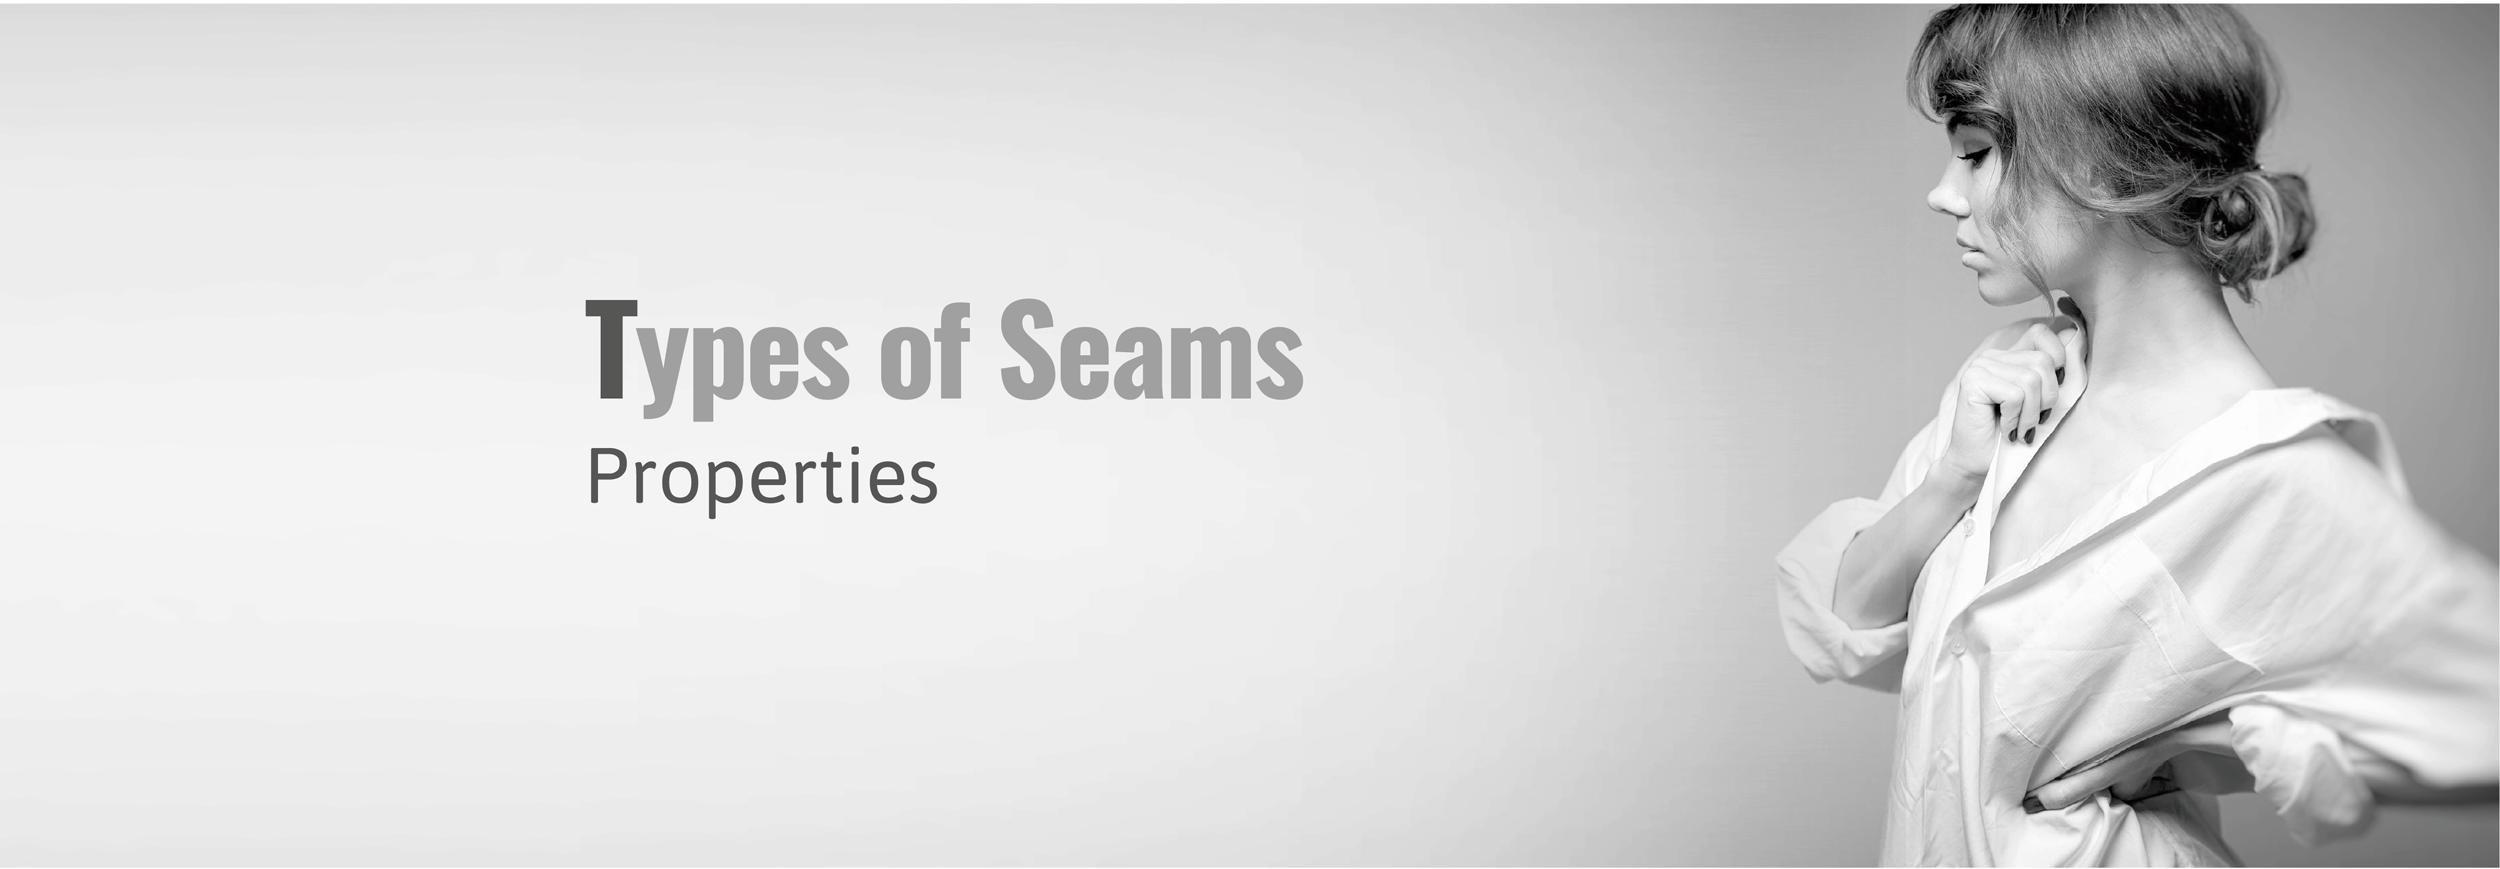 Types of Seams:Properties